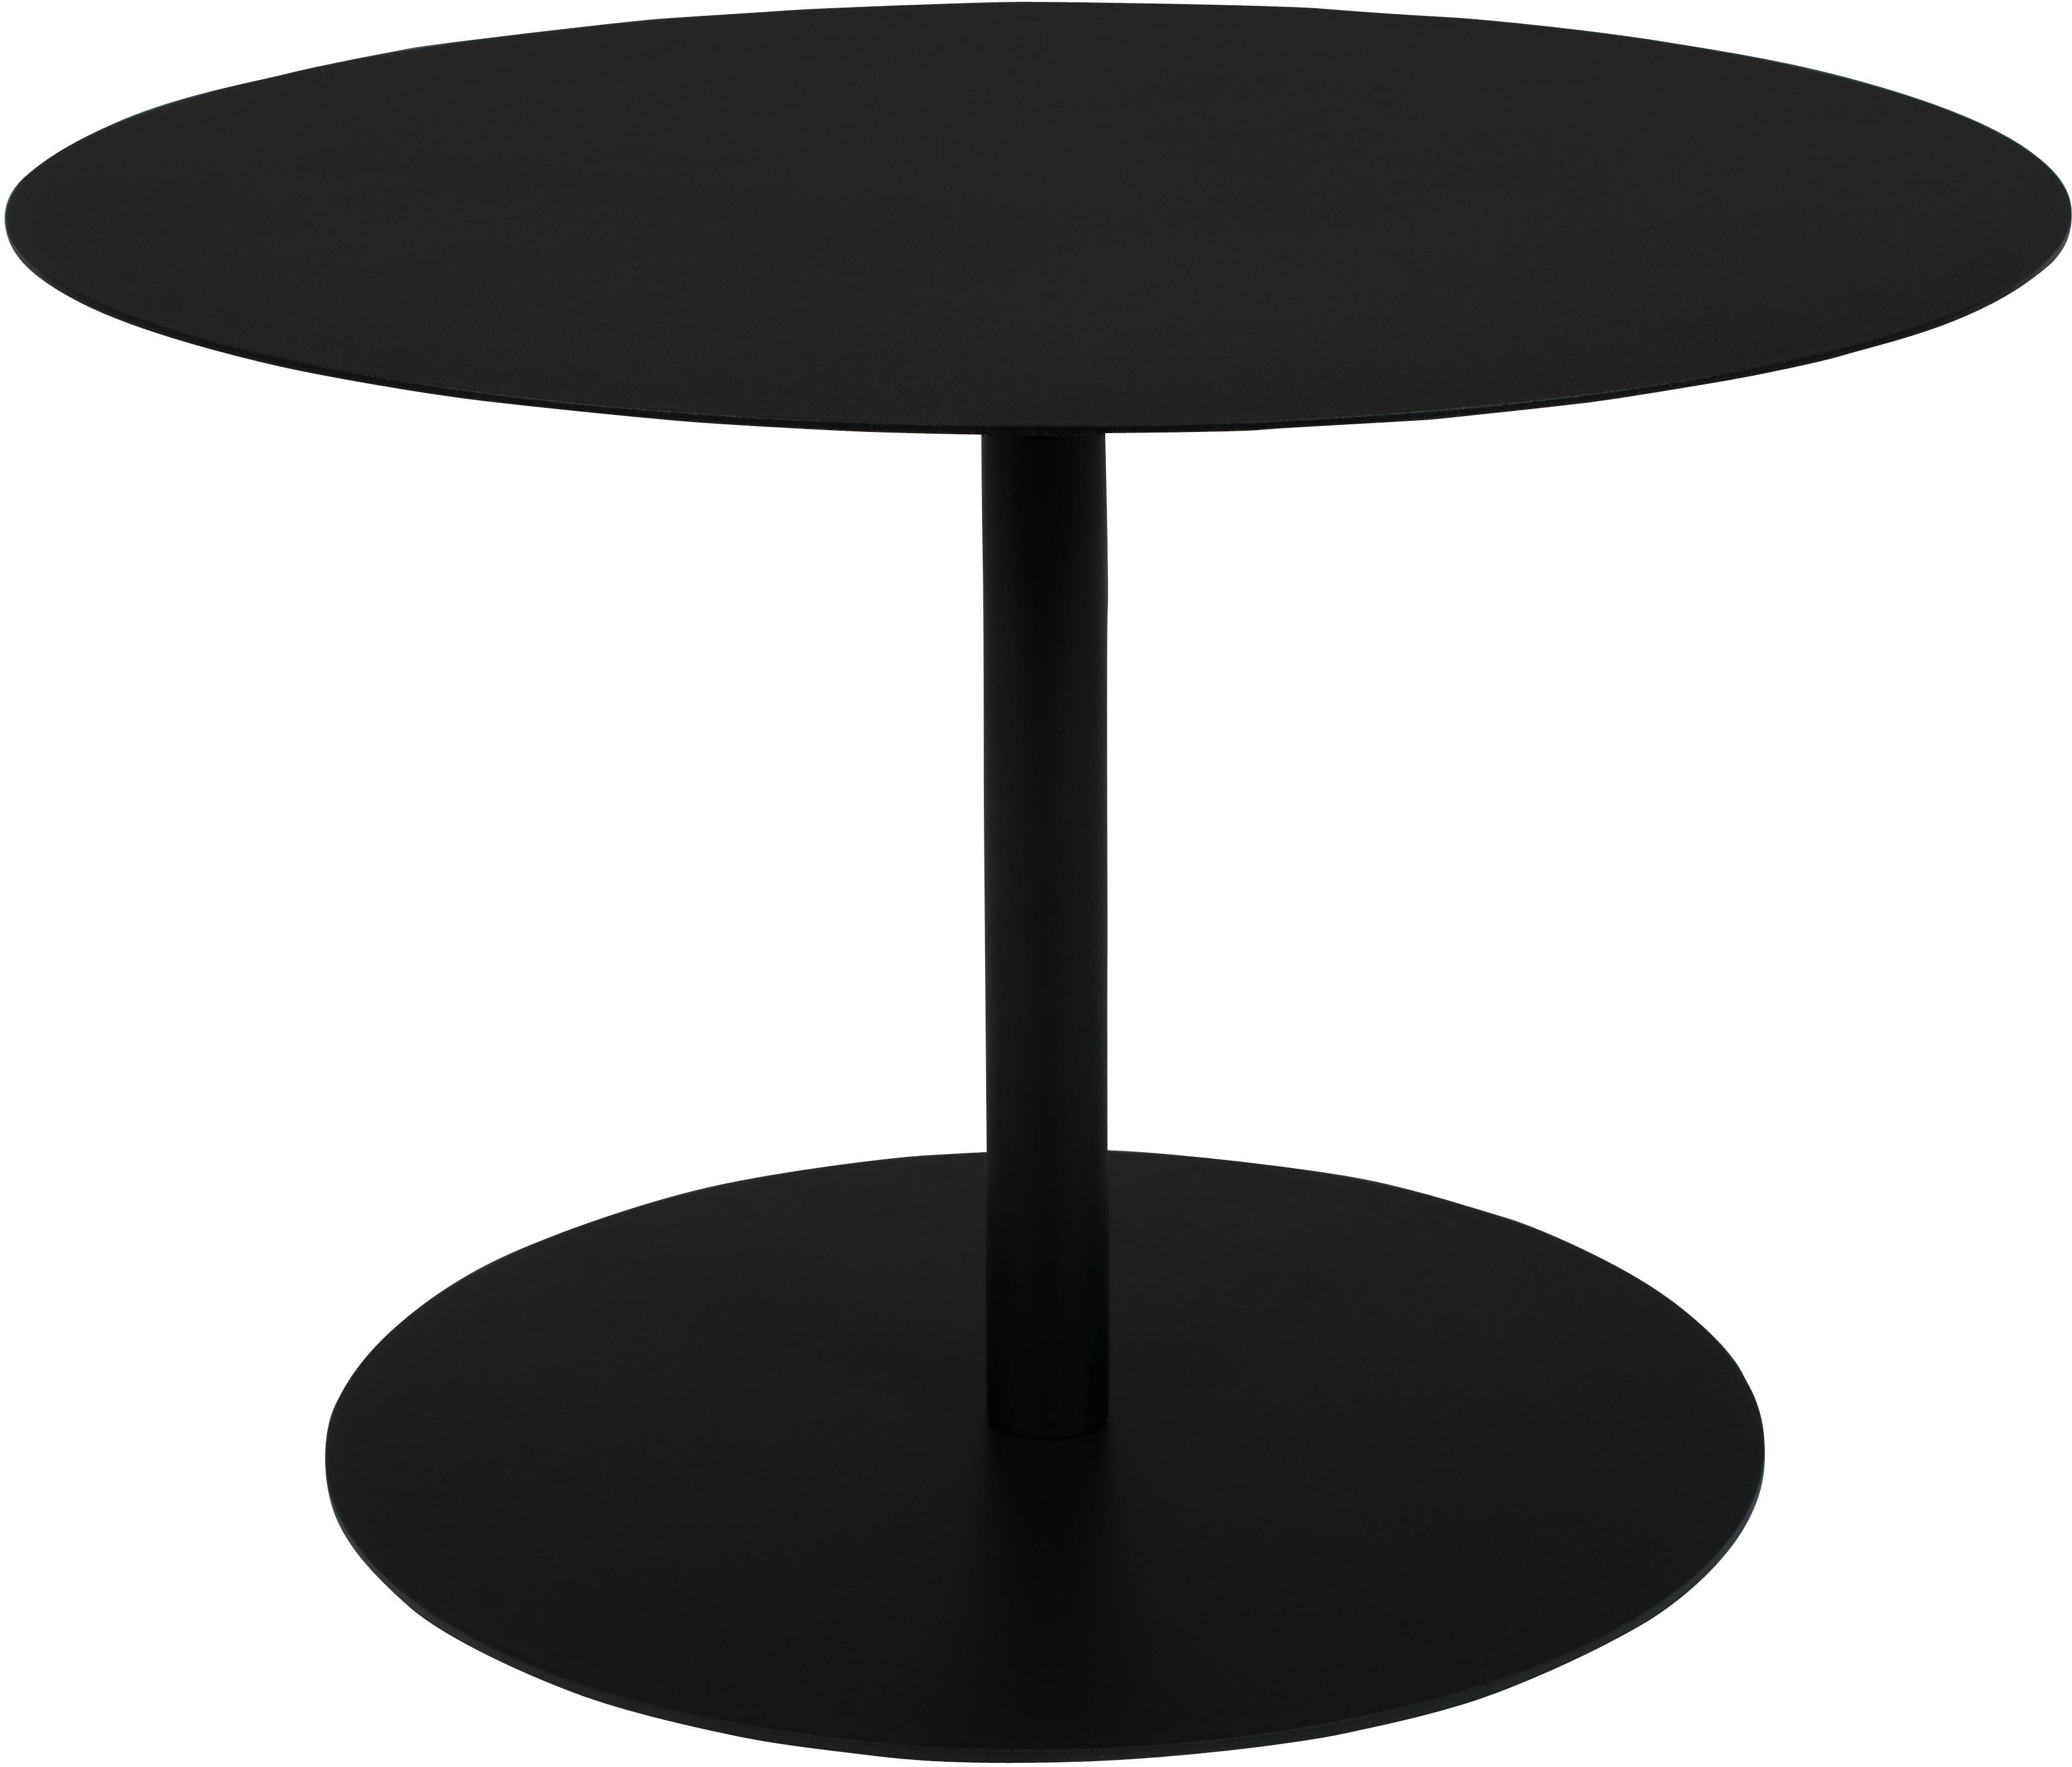 Tavolino da salotto in metallo Snow, Metallo verniciato a polvere, Nero, Ø 60 x Alt. 40 cm